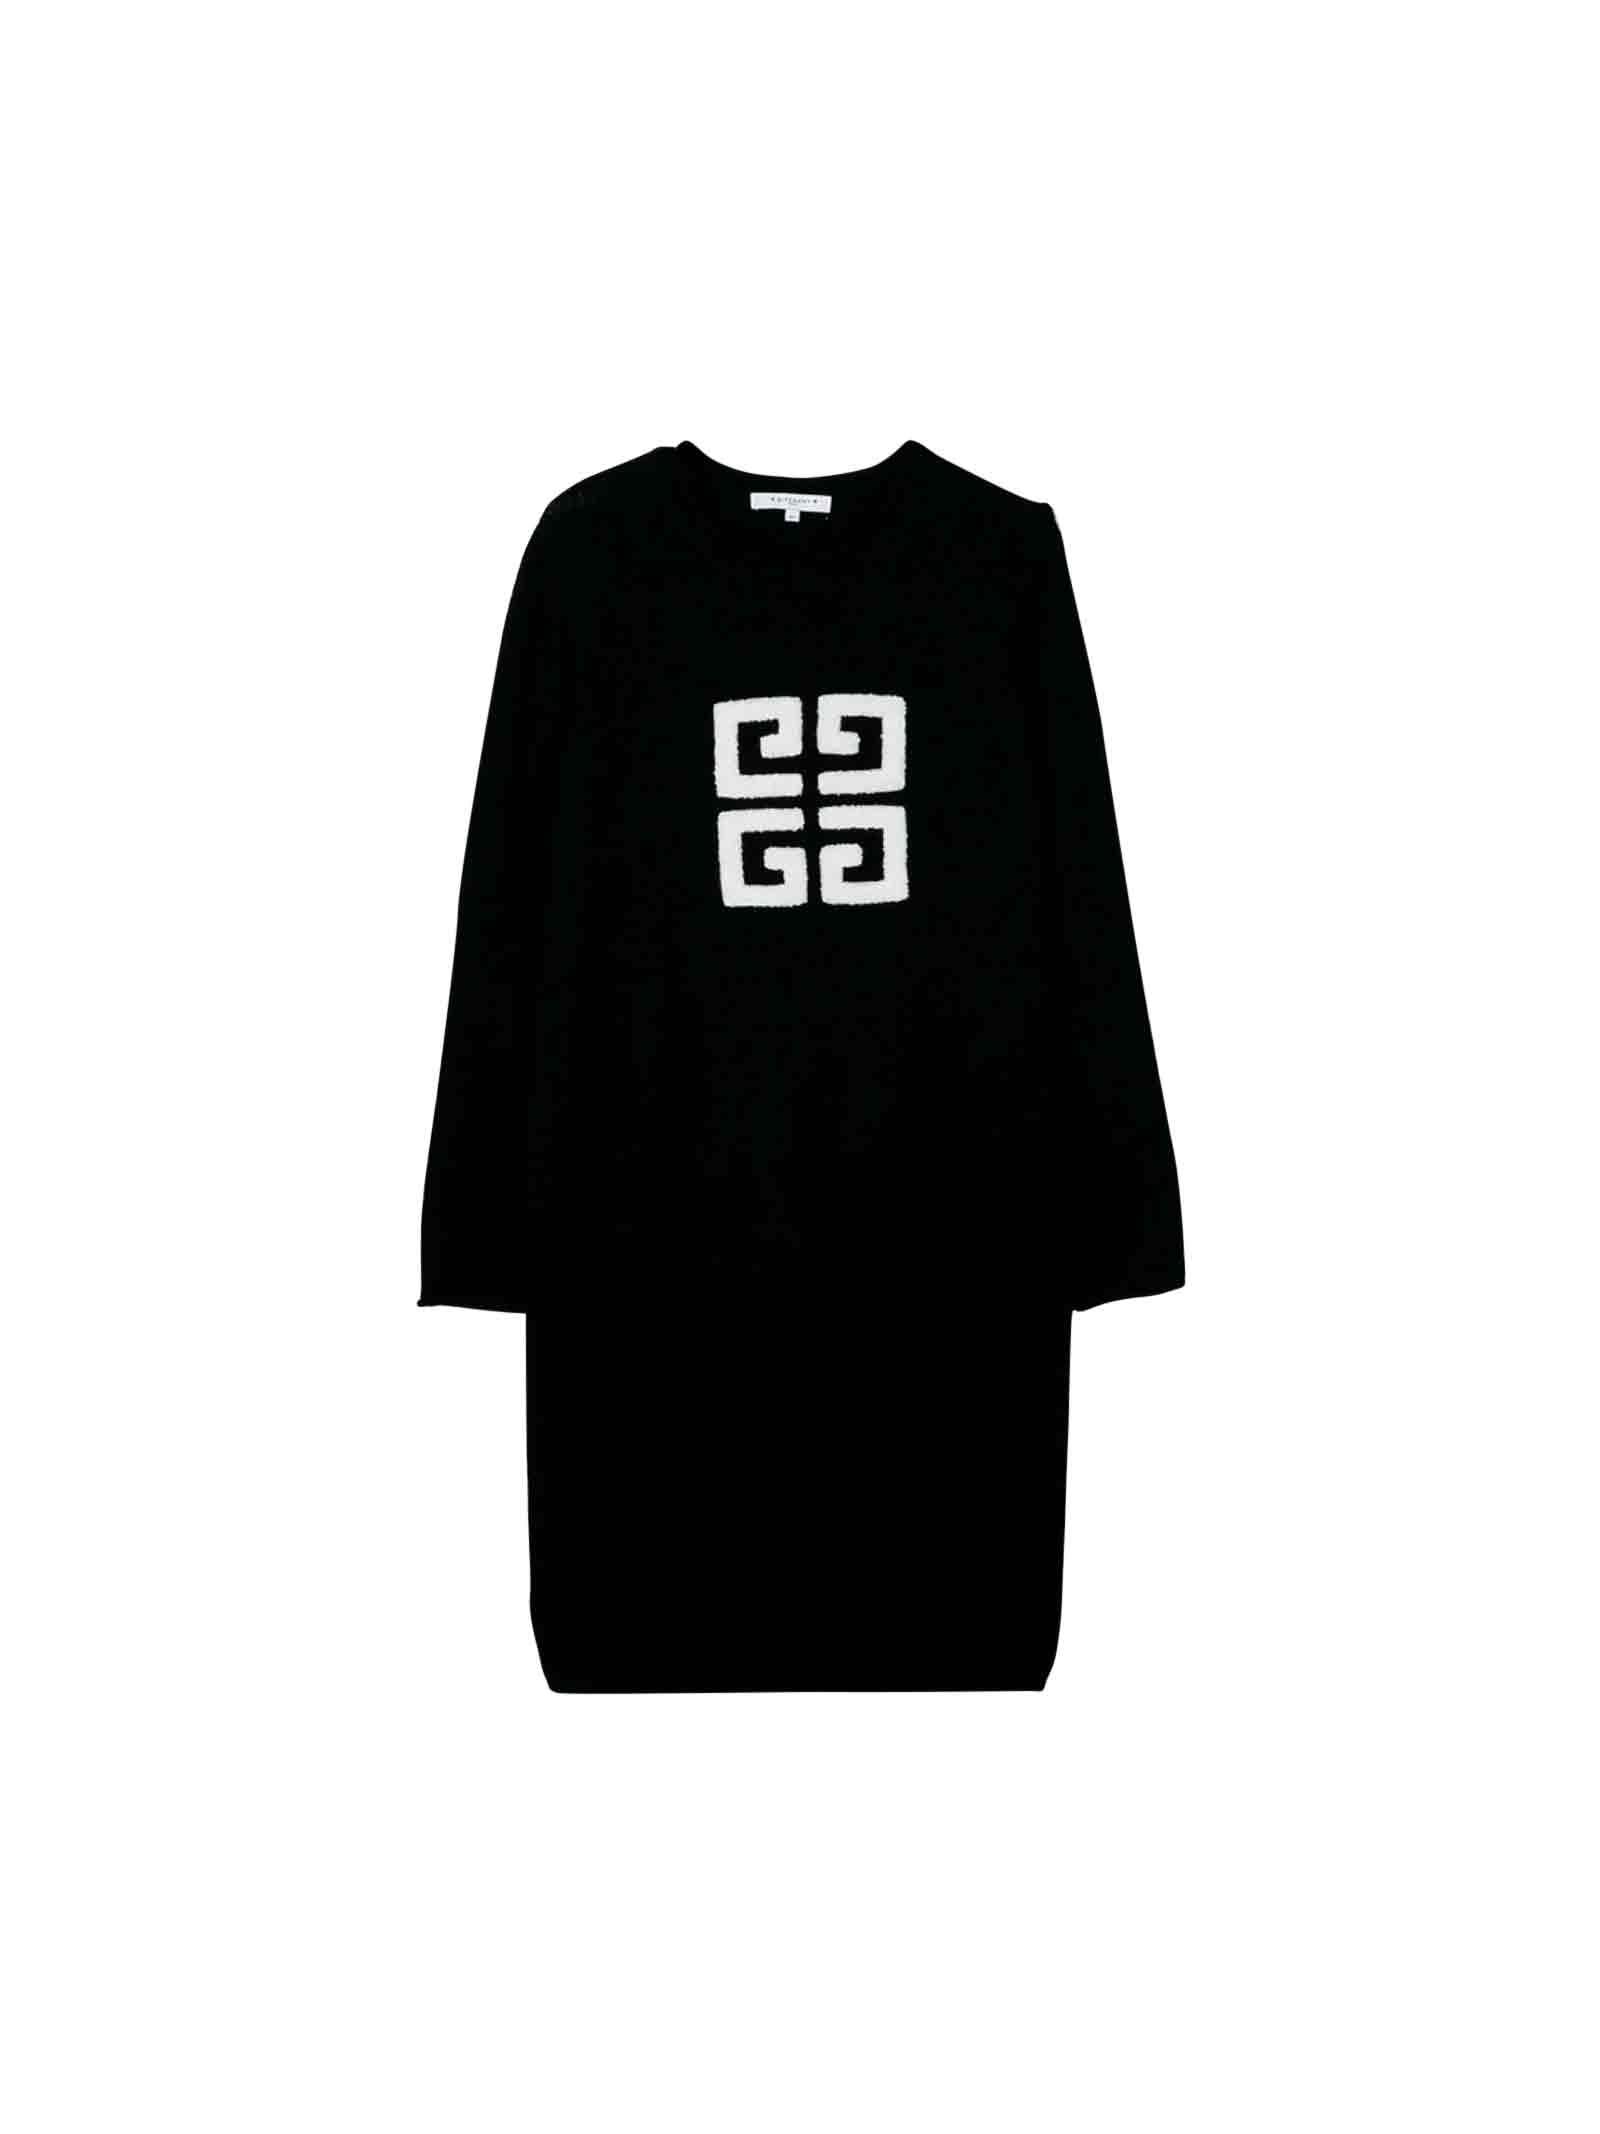 Givenchy Black Knit Dress